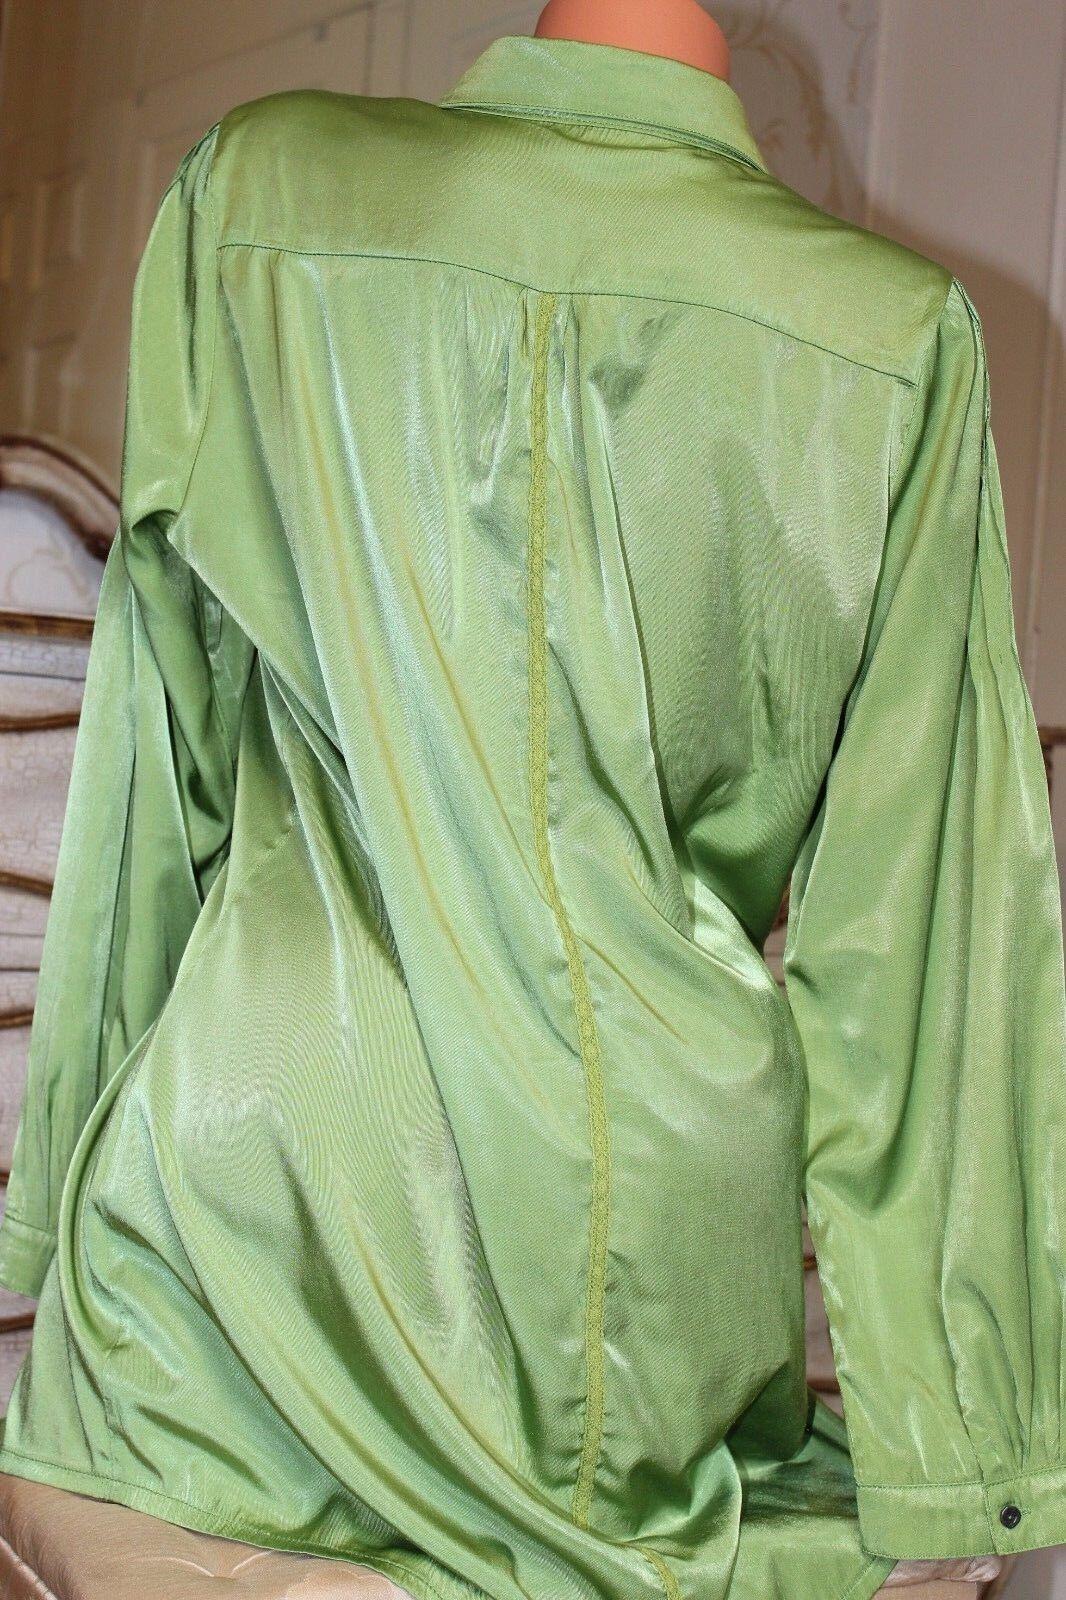 Z'BIZ  viscose mix lime green ladies shirt blouse tunic top size XL